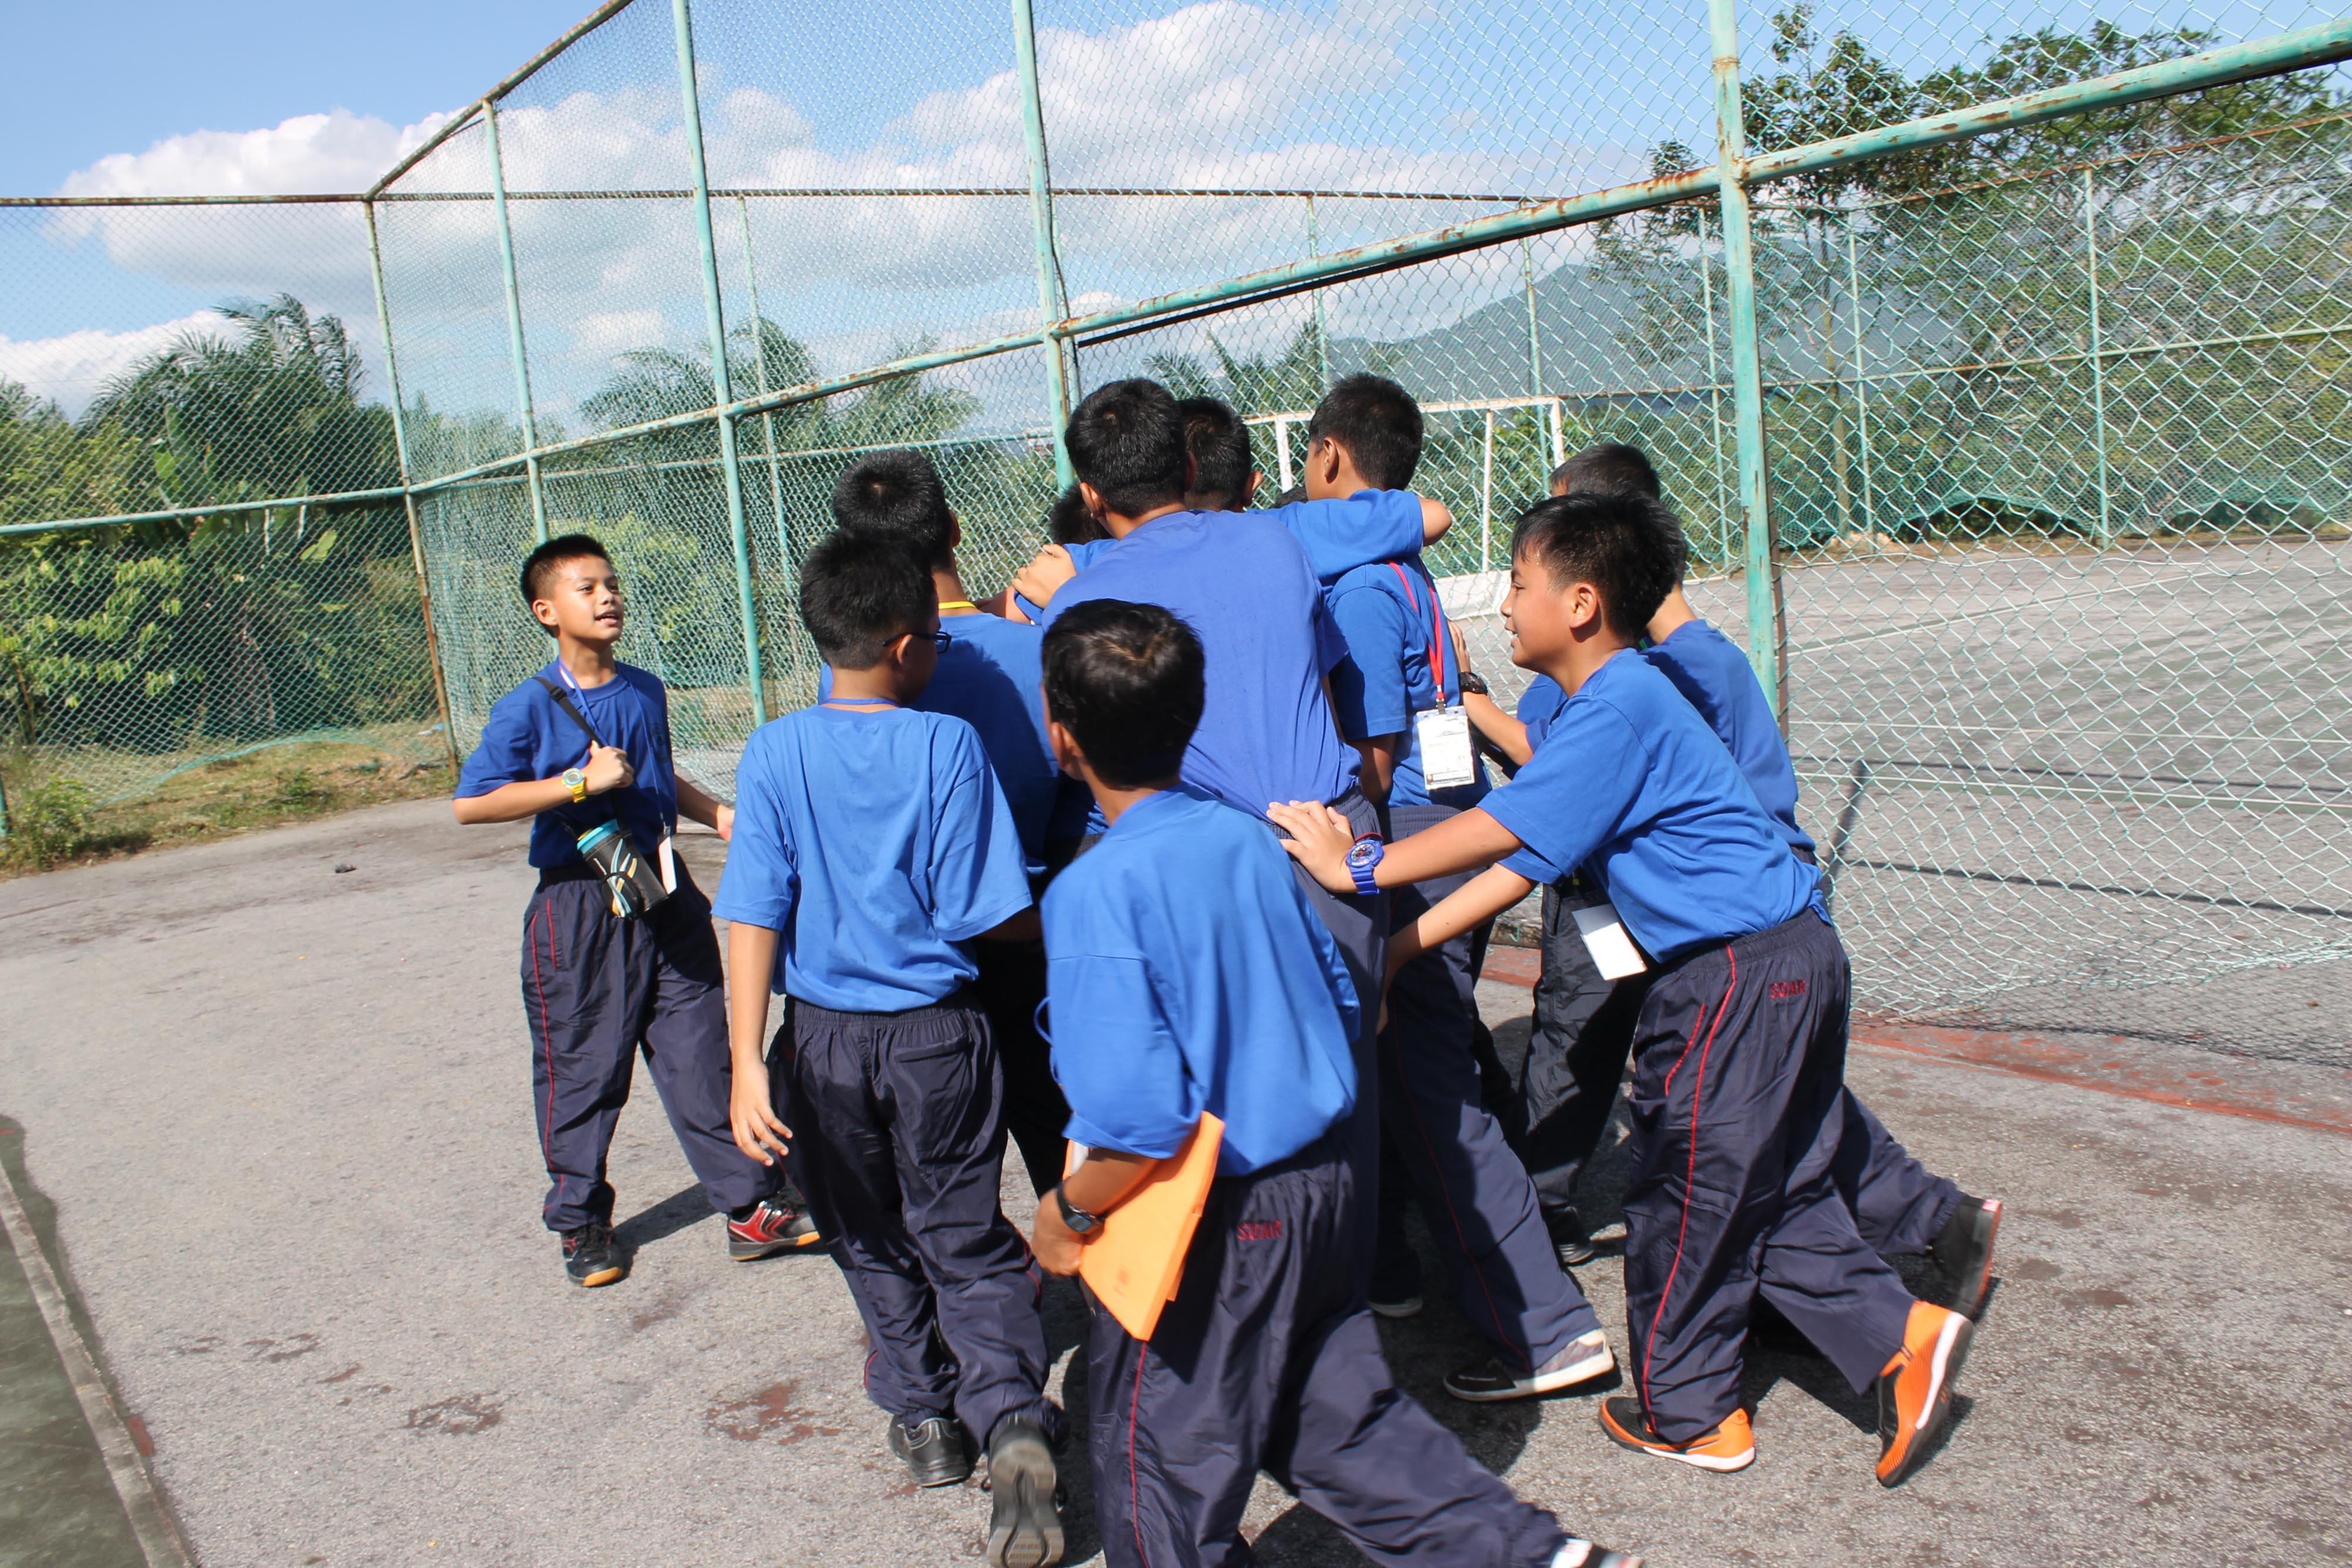 Sepanjang 13hb – 24hb Januari 2015, pelajar tingkatan 1 menjalani minggu orientasi untuk membiasakan diri dengan keadaan di asrama dan mematangkan fikiran pelajar. Program ini dilaksanakan dengan bantuan pelajar tingkatan 5 selaku abang-abang.